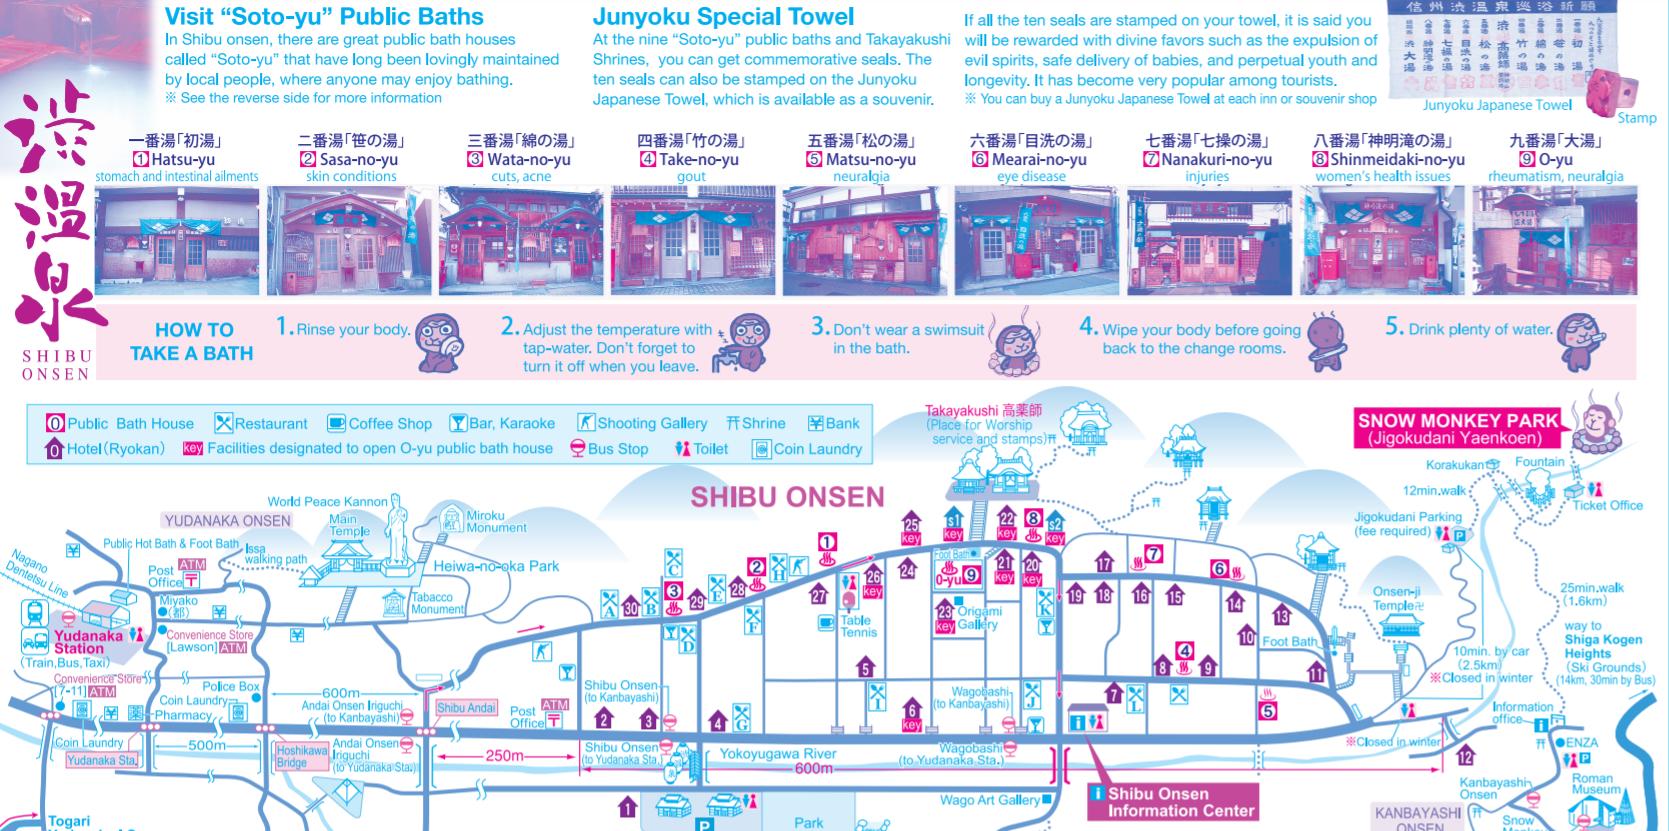 shibu onsen mapa baños